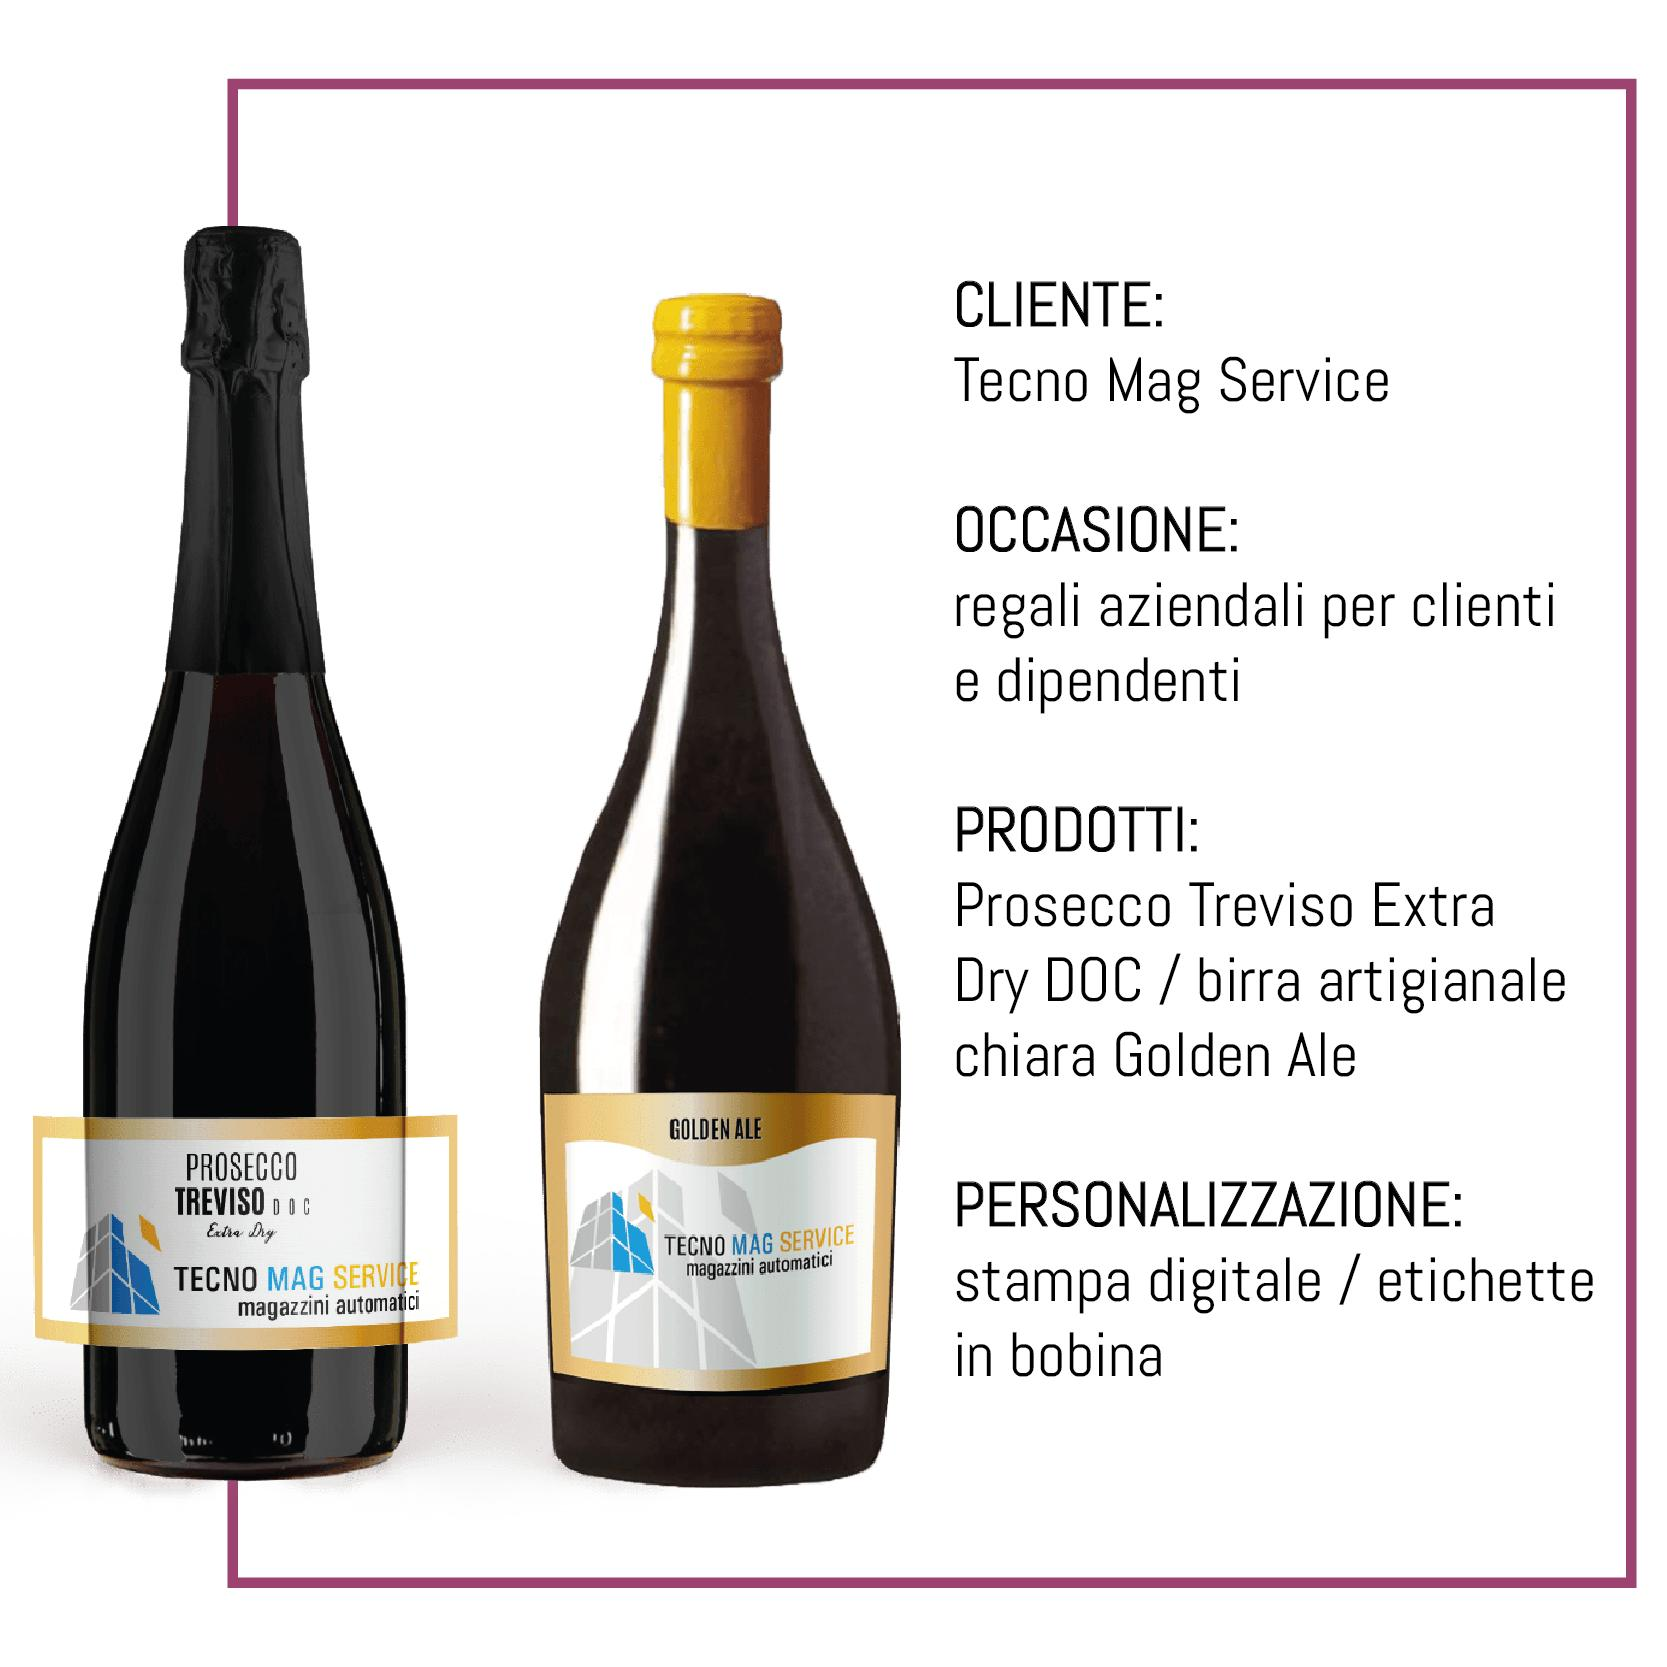 bottiglie personalizzate regali clienti dipendenti Tecno Mag Service